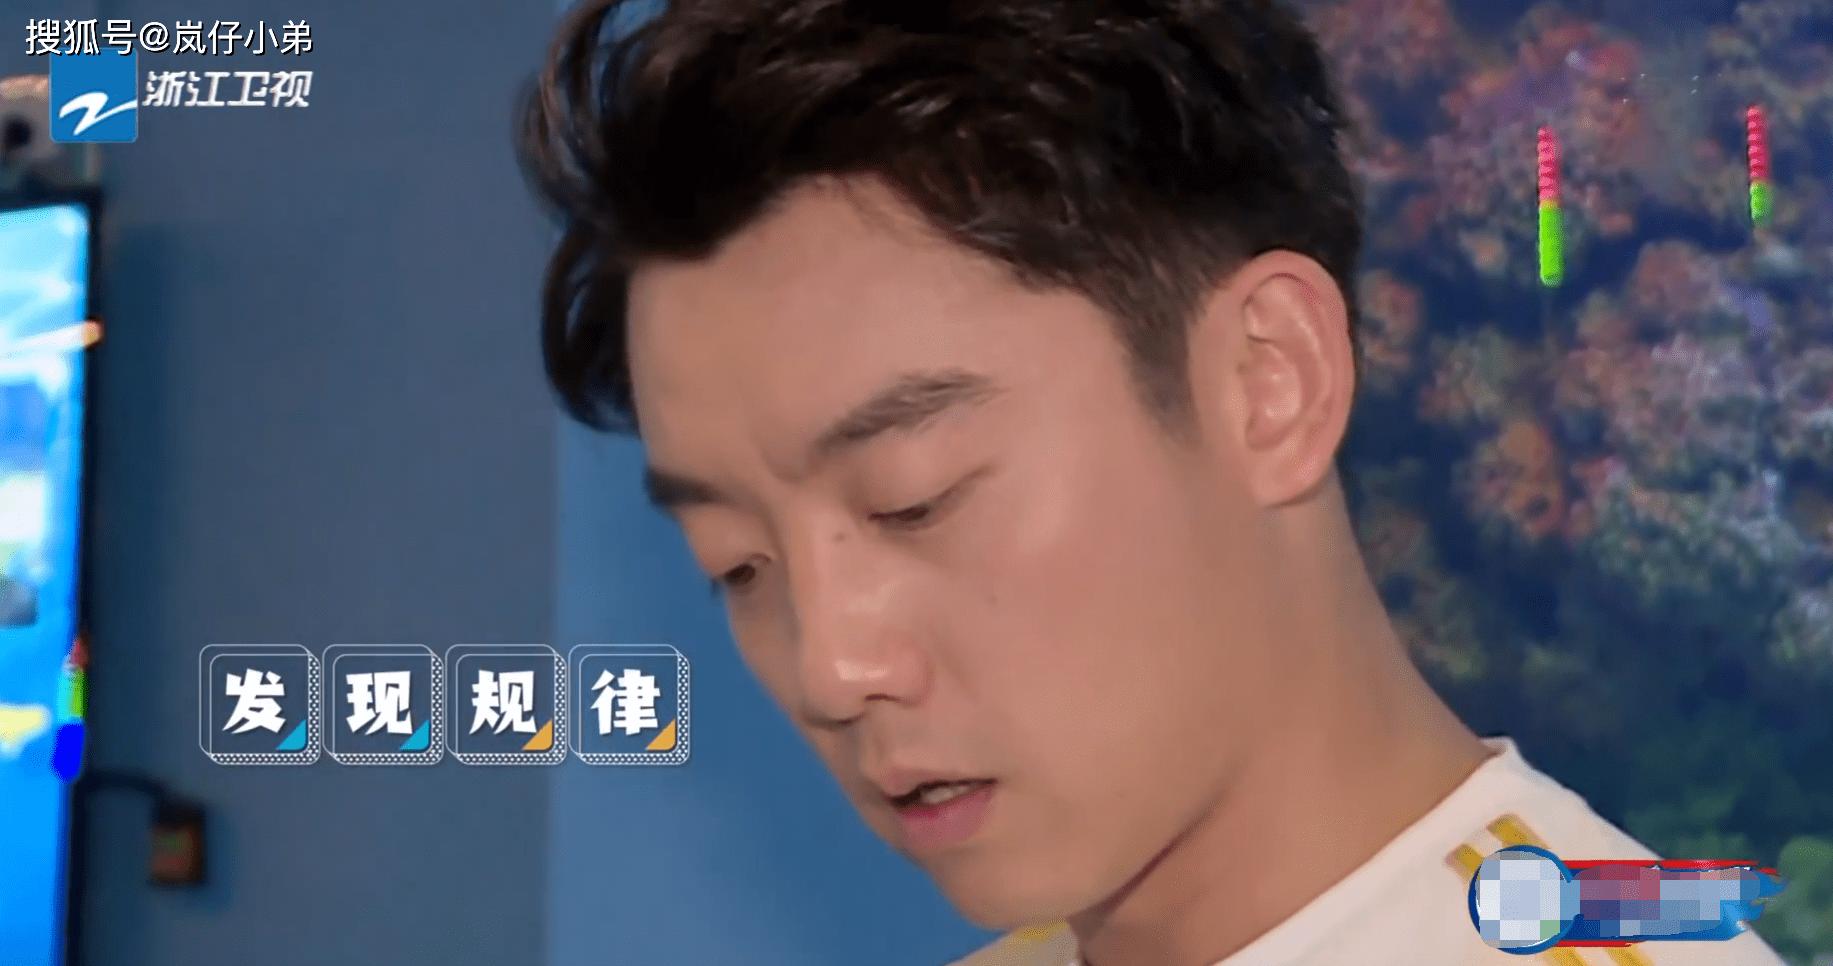 《跑男》迎来最感人一期,李晨baby郑恺泪洒现场,往季成员现身!